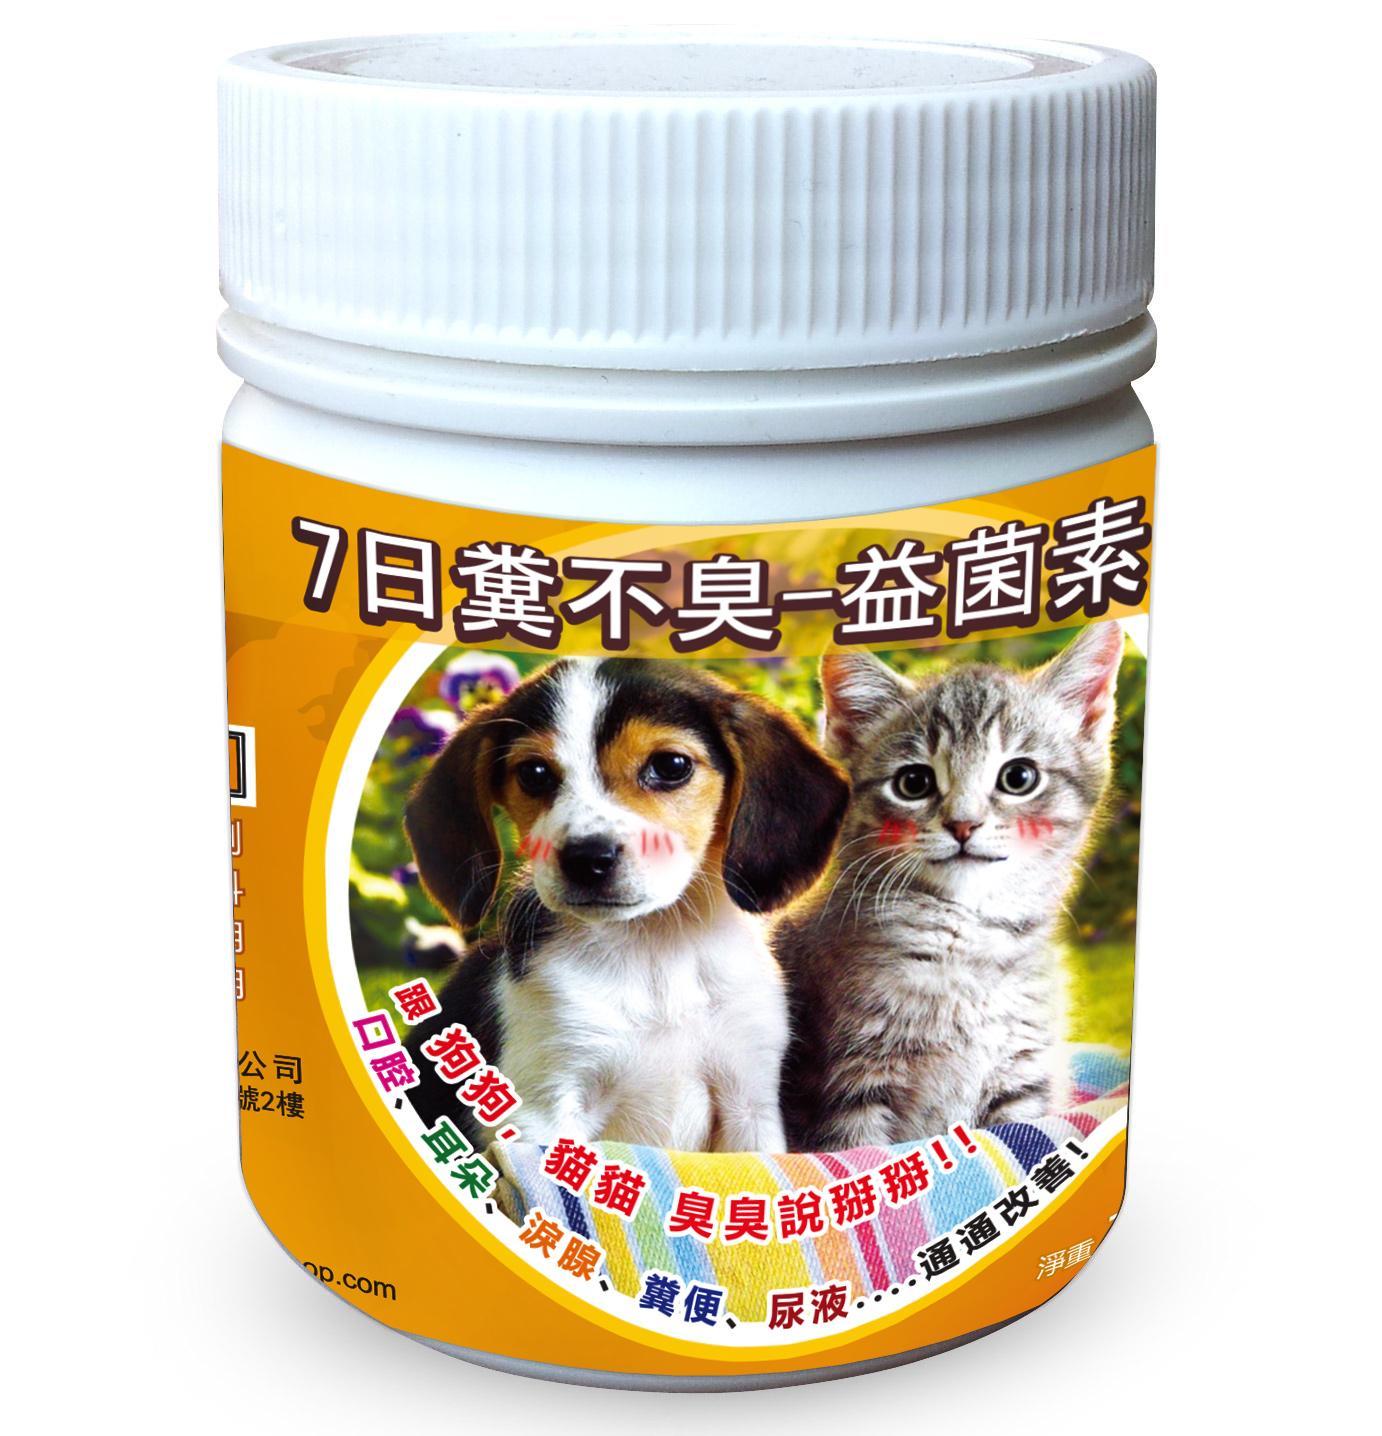 挑嘴版 7日糞不臭~益菌素 可溶於水 瘦弱生病年老 ^(100g 50天份^) 環友健康